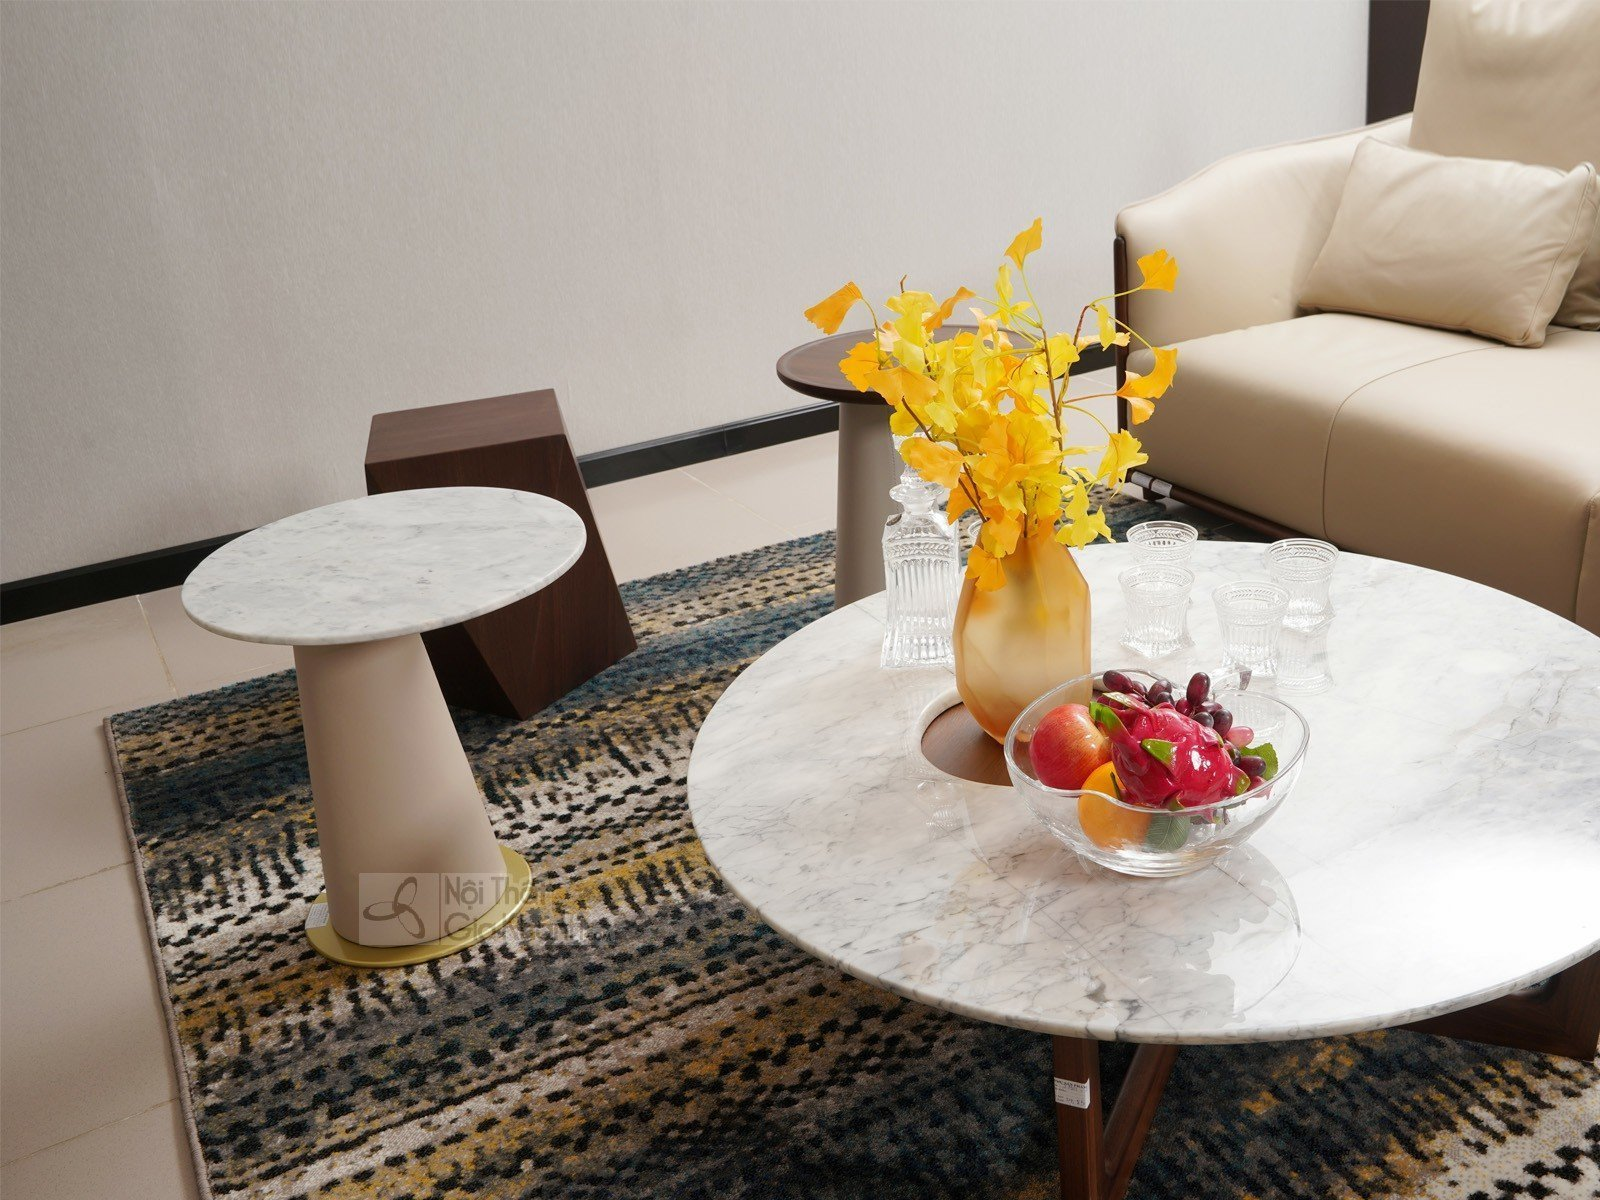 ban tra tron mặt đá 1911BT1 450x500 2 - Bàn trà (Bàn Sofa) gỗ hiện đại mặt đá cho phòng khách BT1911-1D